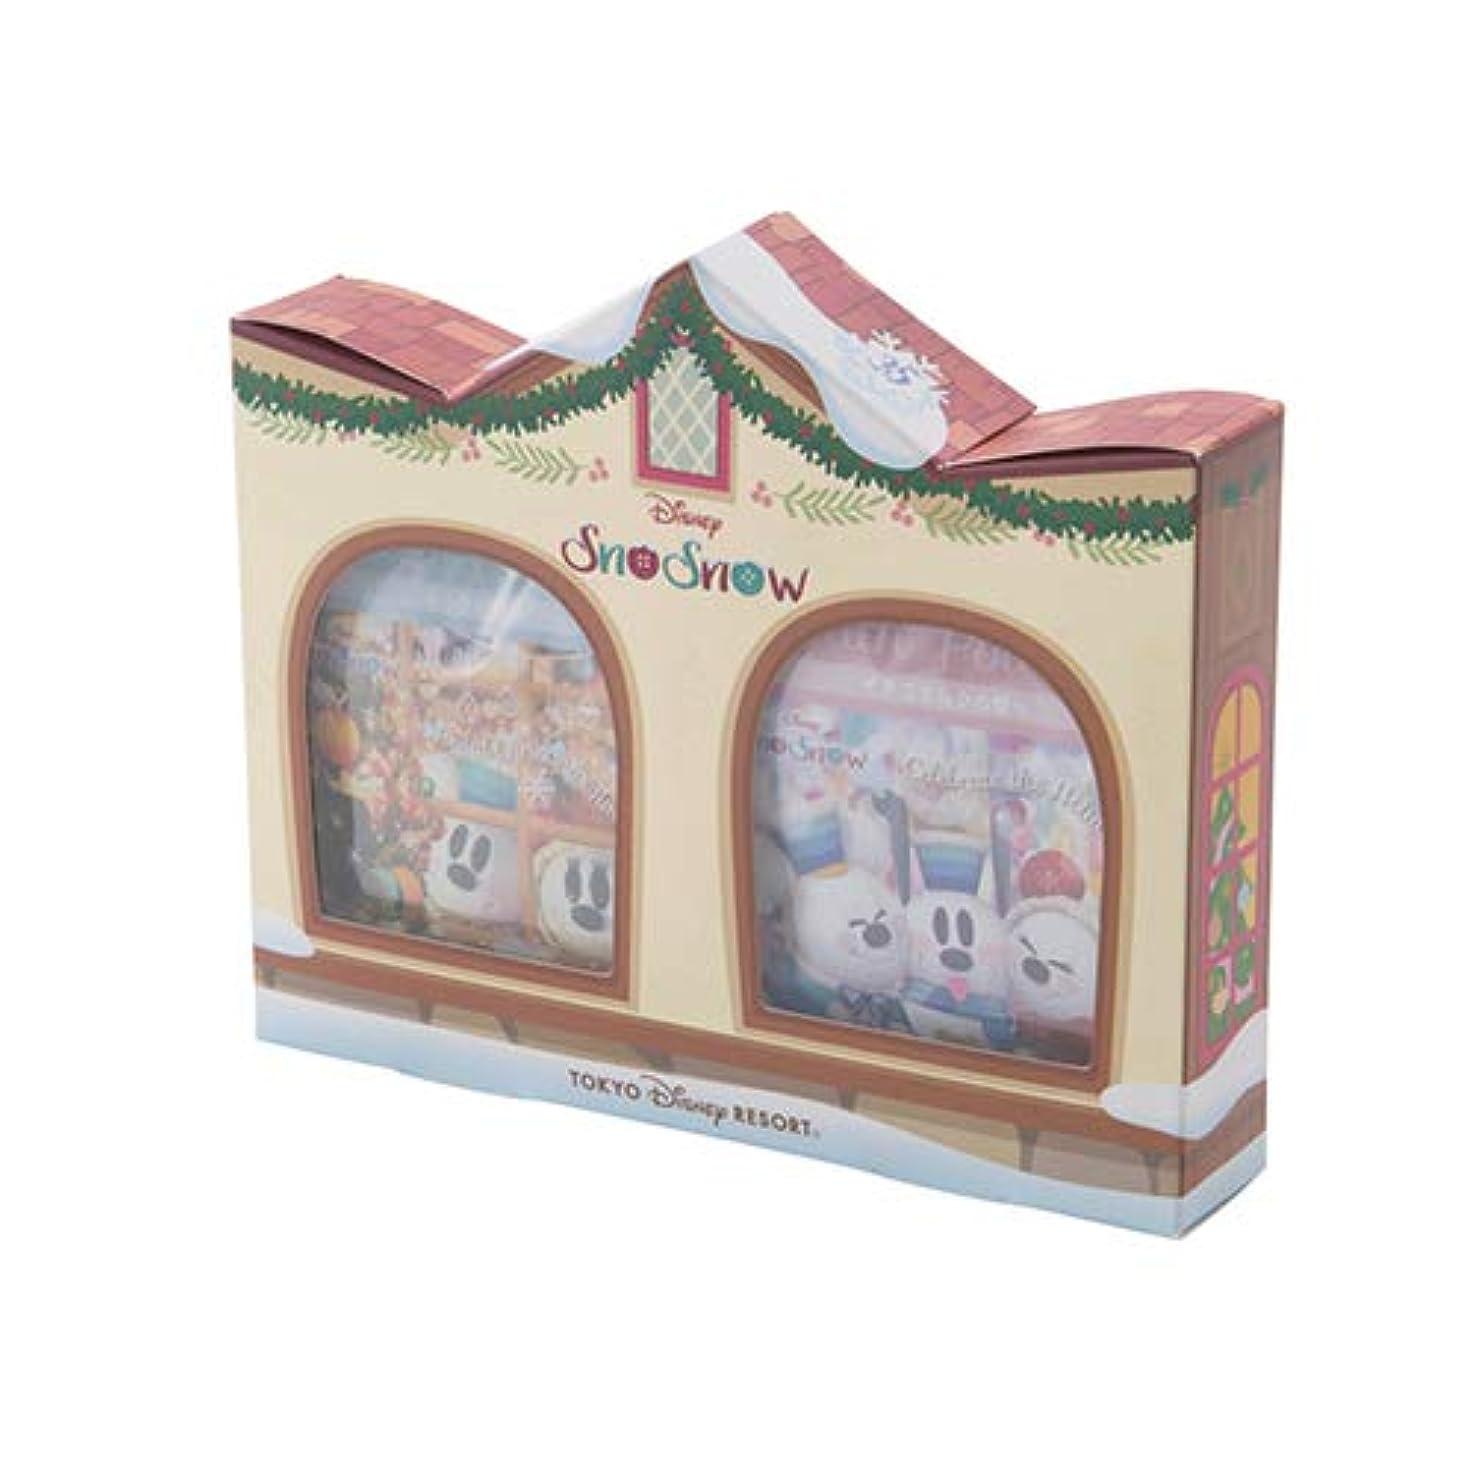 運営一生ラフトスノーミッキー 入浴剤 スノースノー ディズニー クリスマス 2018 箱入り ディズニー お土産 【東京ディズニーリゾート限定】